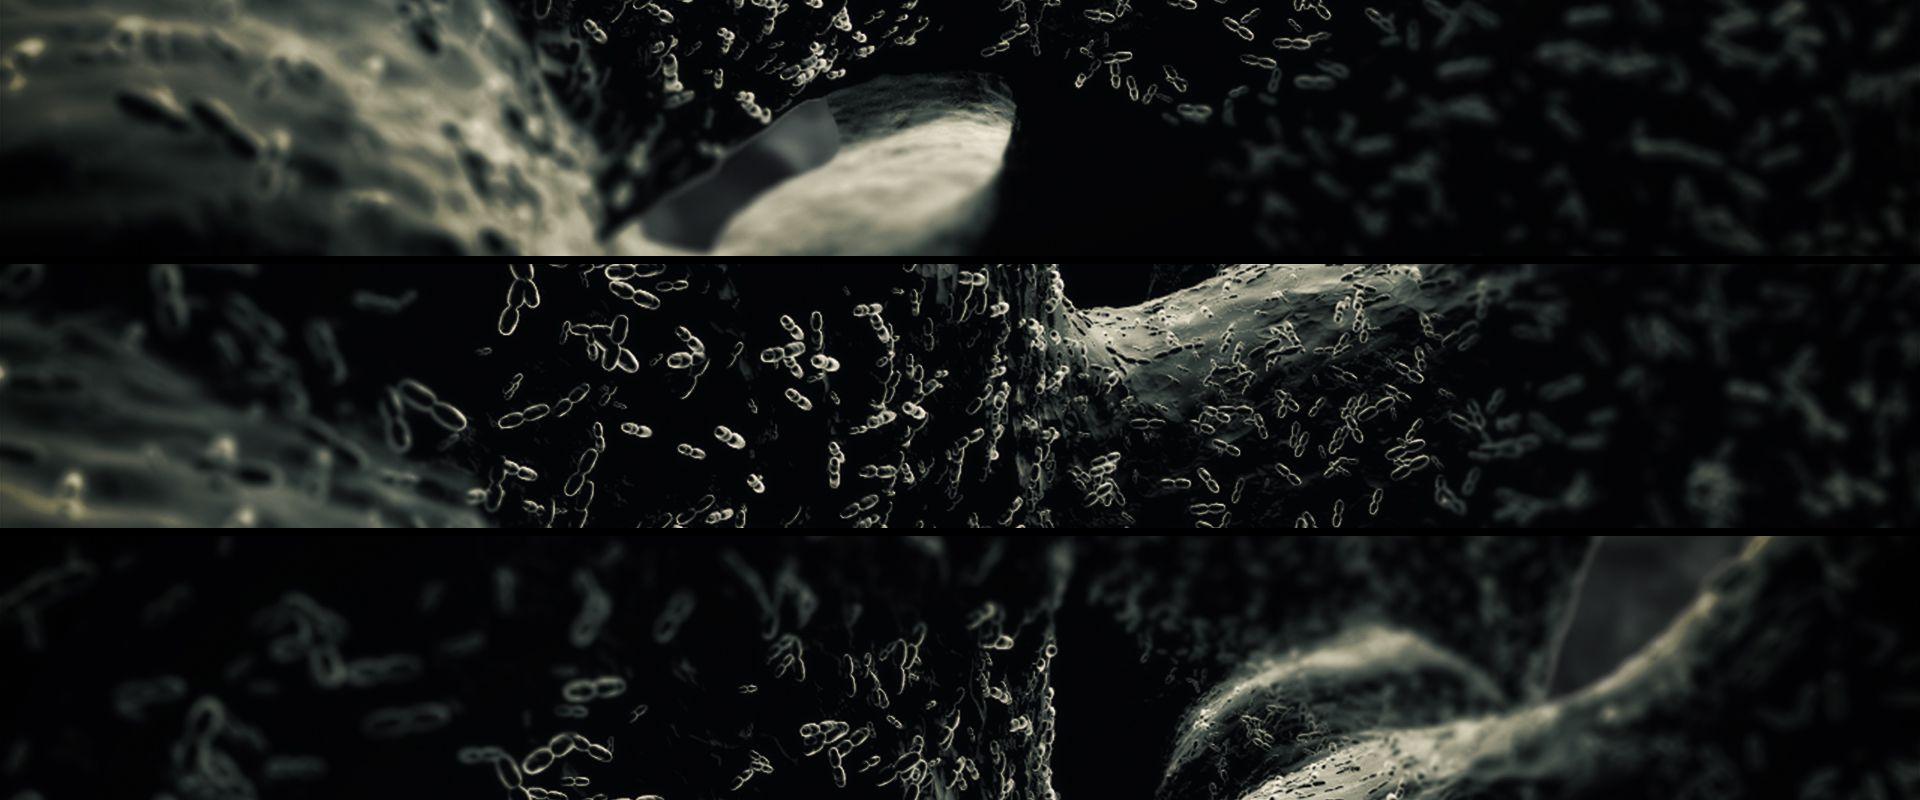 Bacteria_800_b